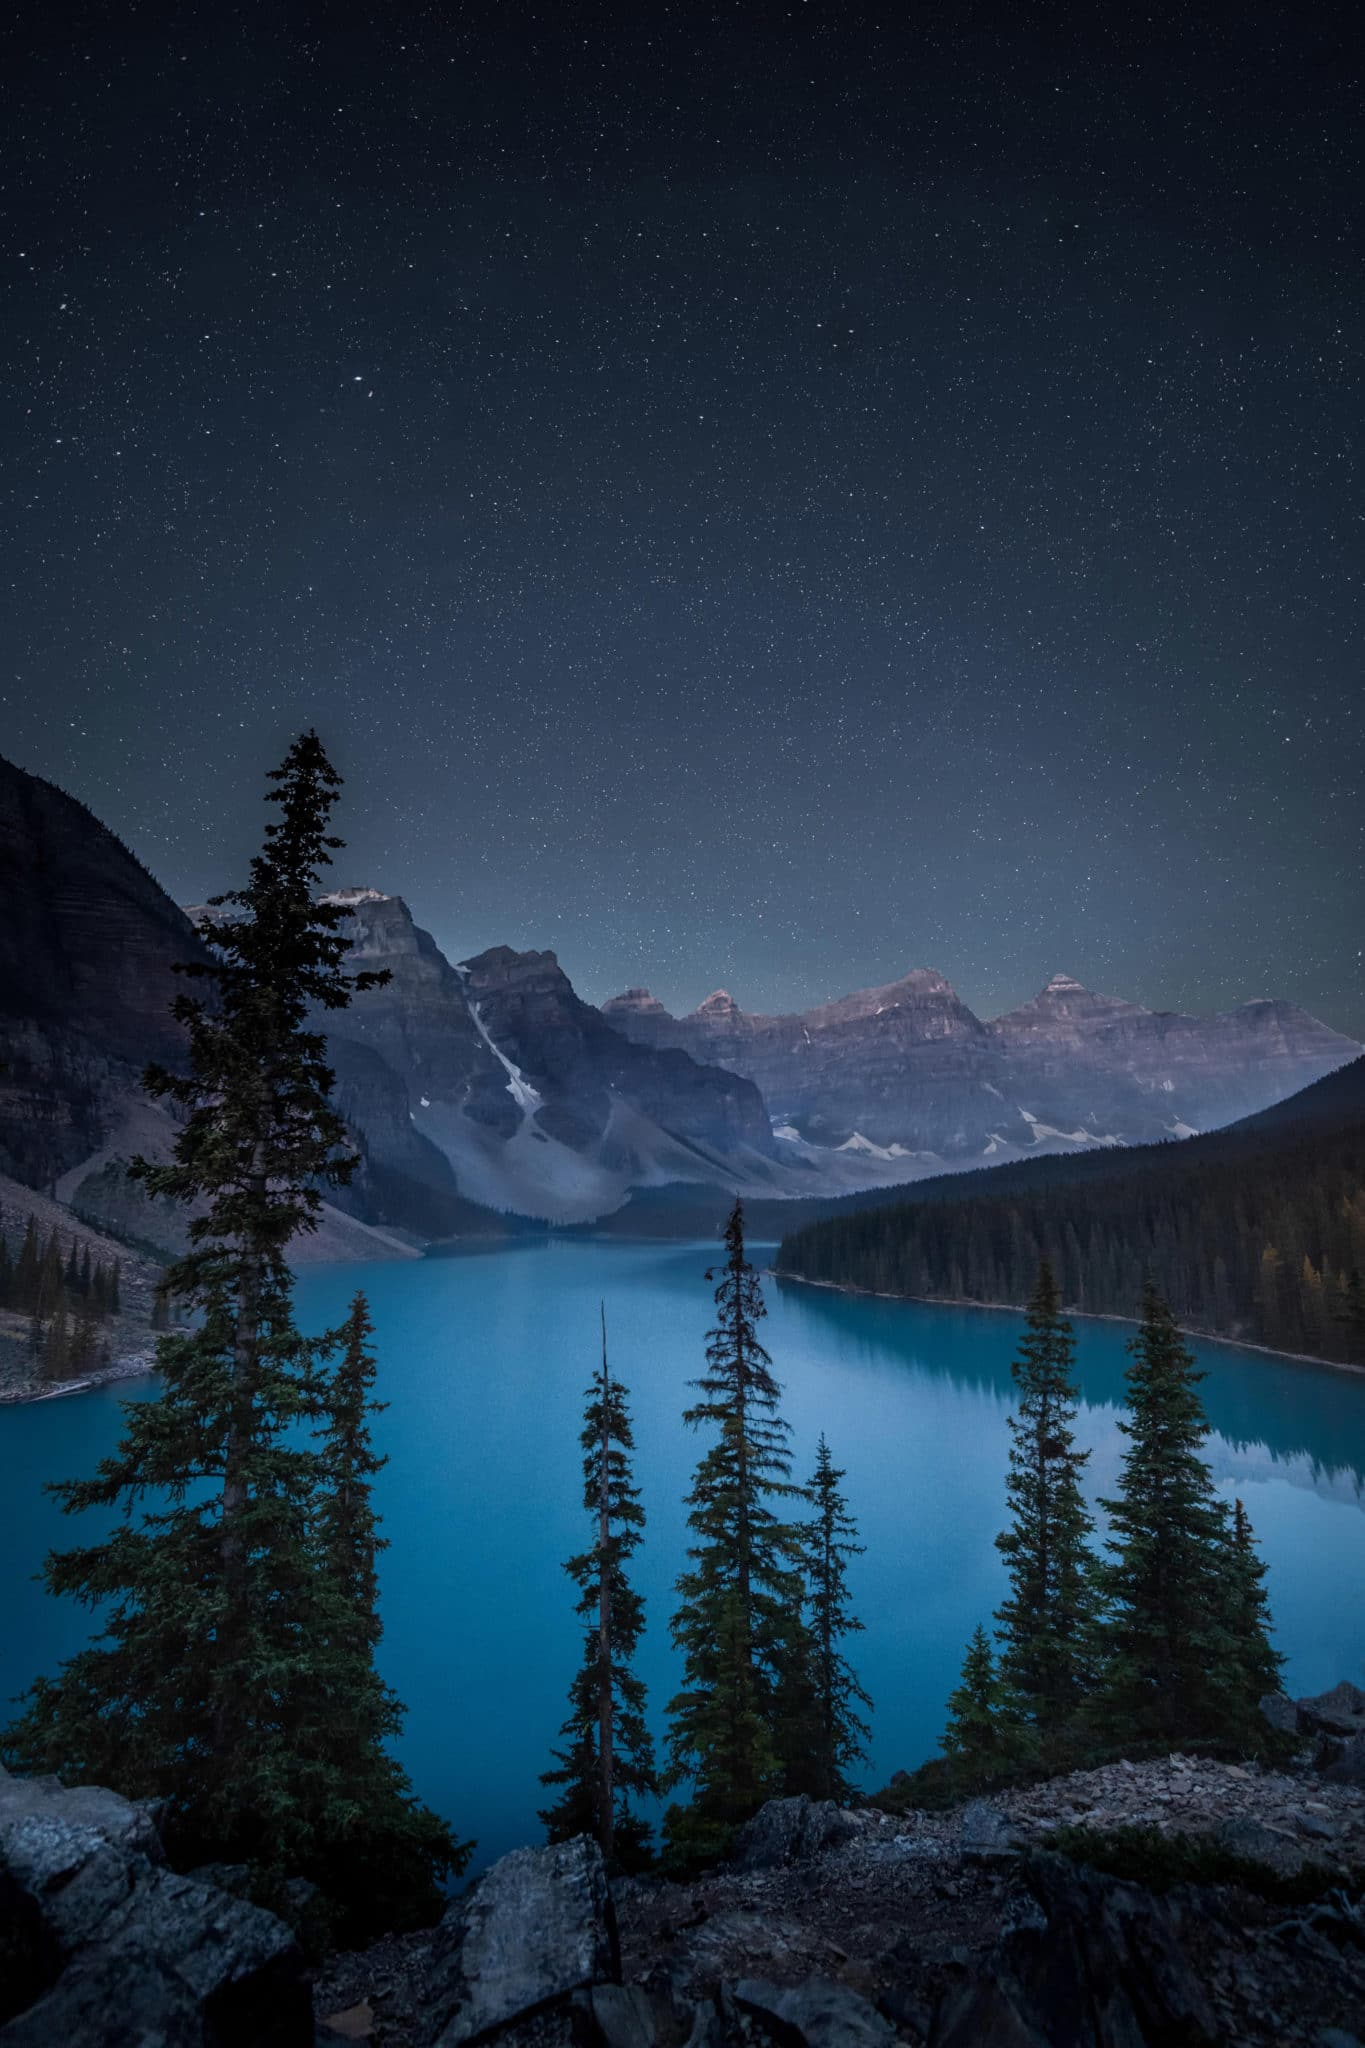 Vitesse d'obturation et pose longue, Moraine lake, Canada pour illustrer l'article sur la vitesse d'obturation